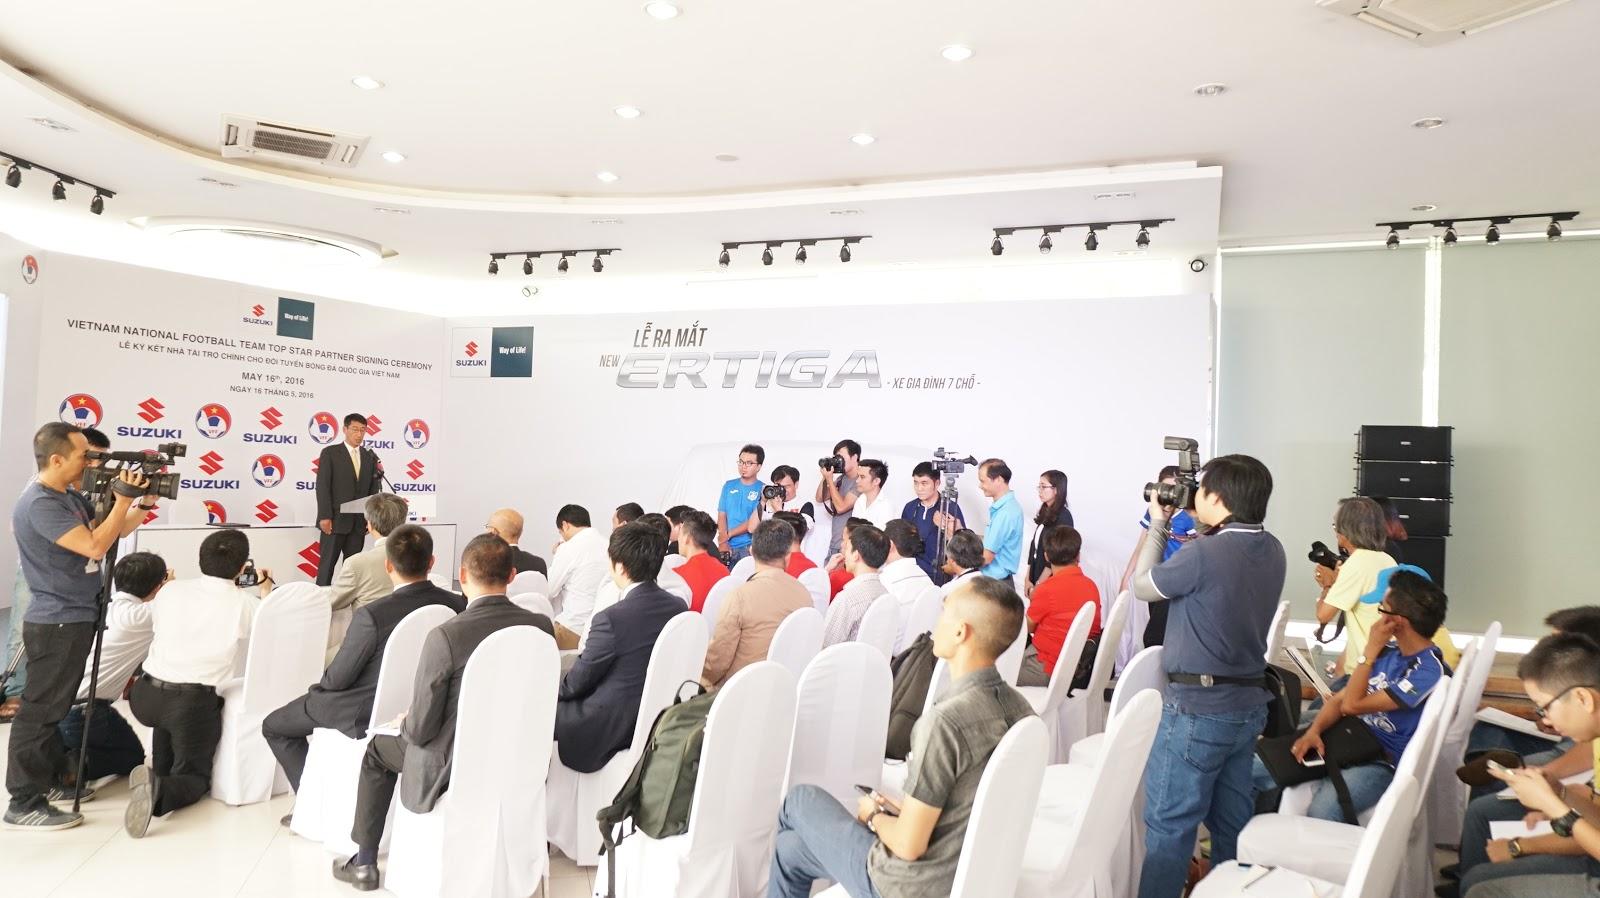 Lễ ra mắt Suzuki Eritga Facelift 2016 với sự tham gia của báo chí và VFF